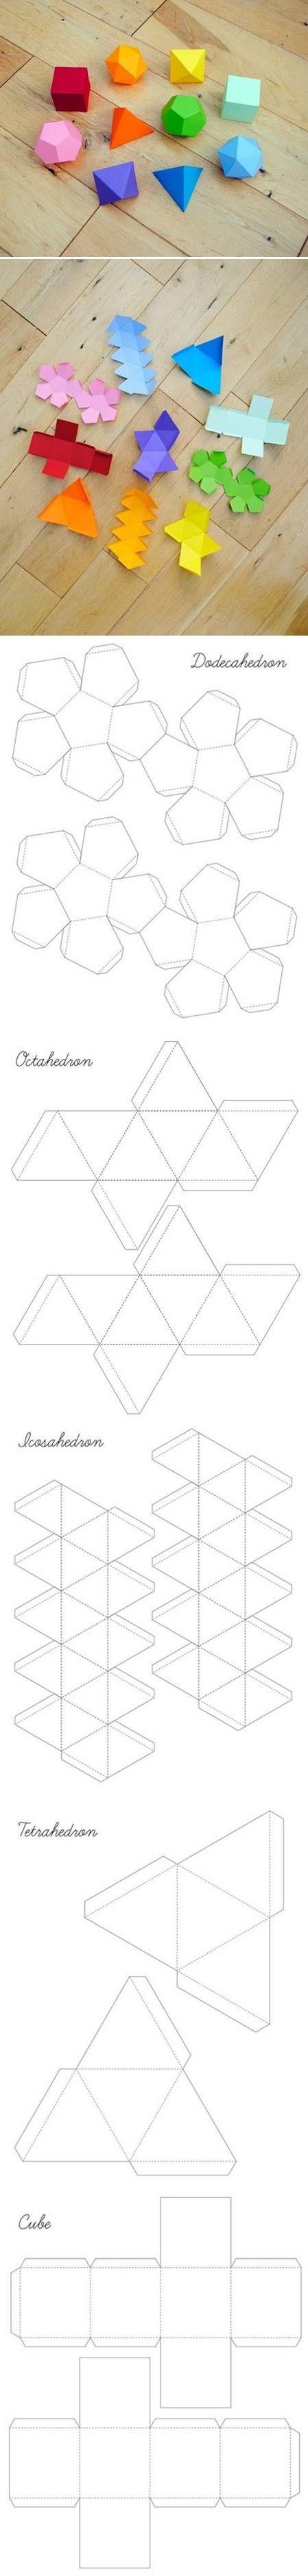 Patrons pour mobiles papier géométriques | DIY Geometrical Box Templates by diyforever